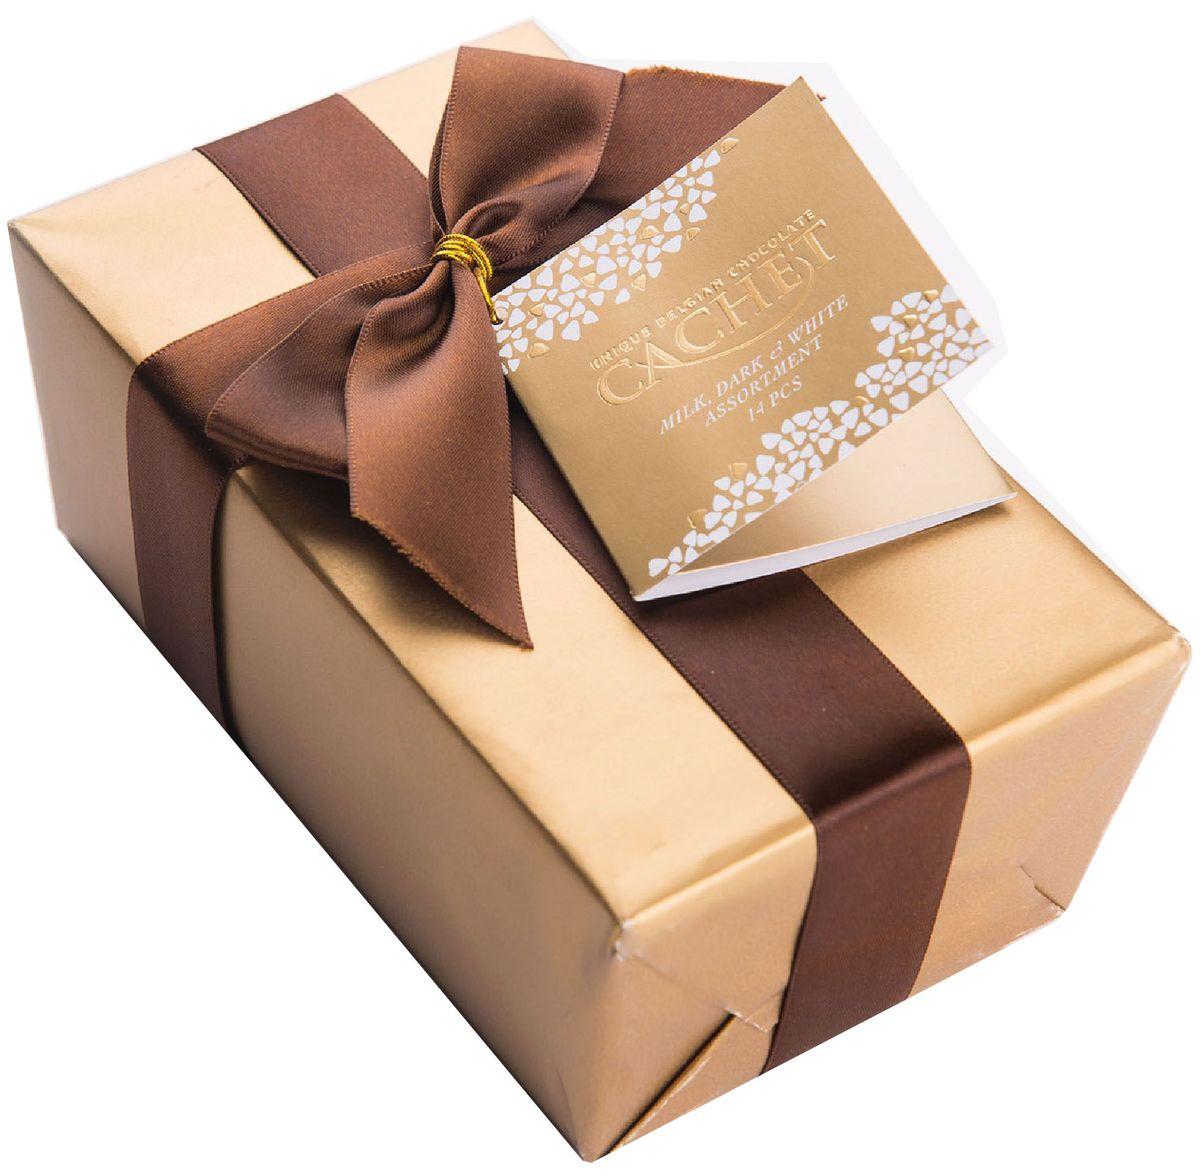 Cachet конфеты шоколадные ассорти, 200 г0120710Конфеты шоколадные ассорти Cachet - уникальный набор бельгийских шоколадных конфет не оставит равнодушным поклоннников шоколада. Продукция компании популярна во всем мире благодаря своему высокому качеству и изысканному дизайну. Вся продукция Kim's Chocolates NV изготавливается по оригинальной старинной бельгийской рецептуре, которая придает шоколаду незабываемый и неповторимый вкус.Лучшие ингредиенты, современные технологии и строгий контроль на всех этапах производства гарантируют высокое качество продукцииKim's Chocolates NV.